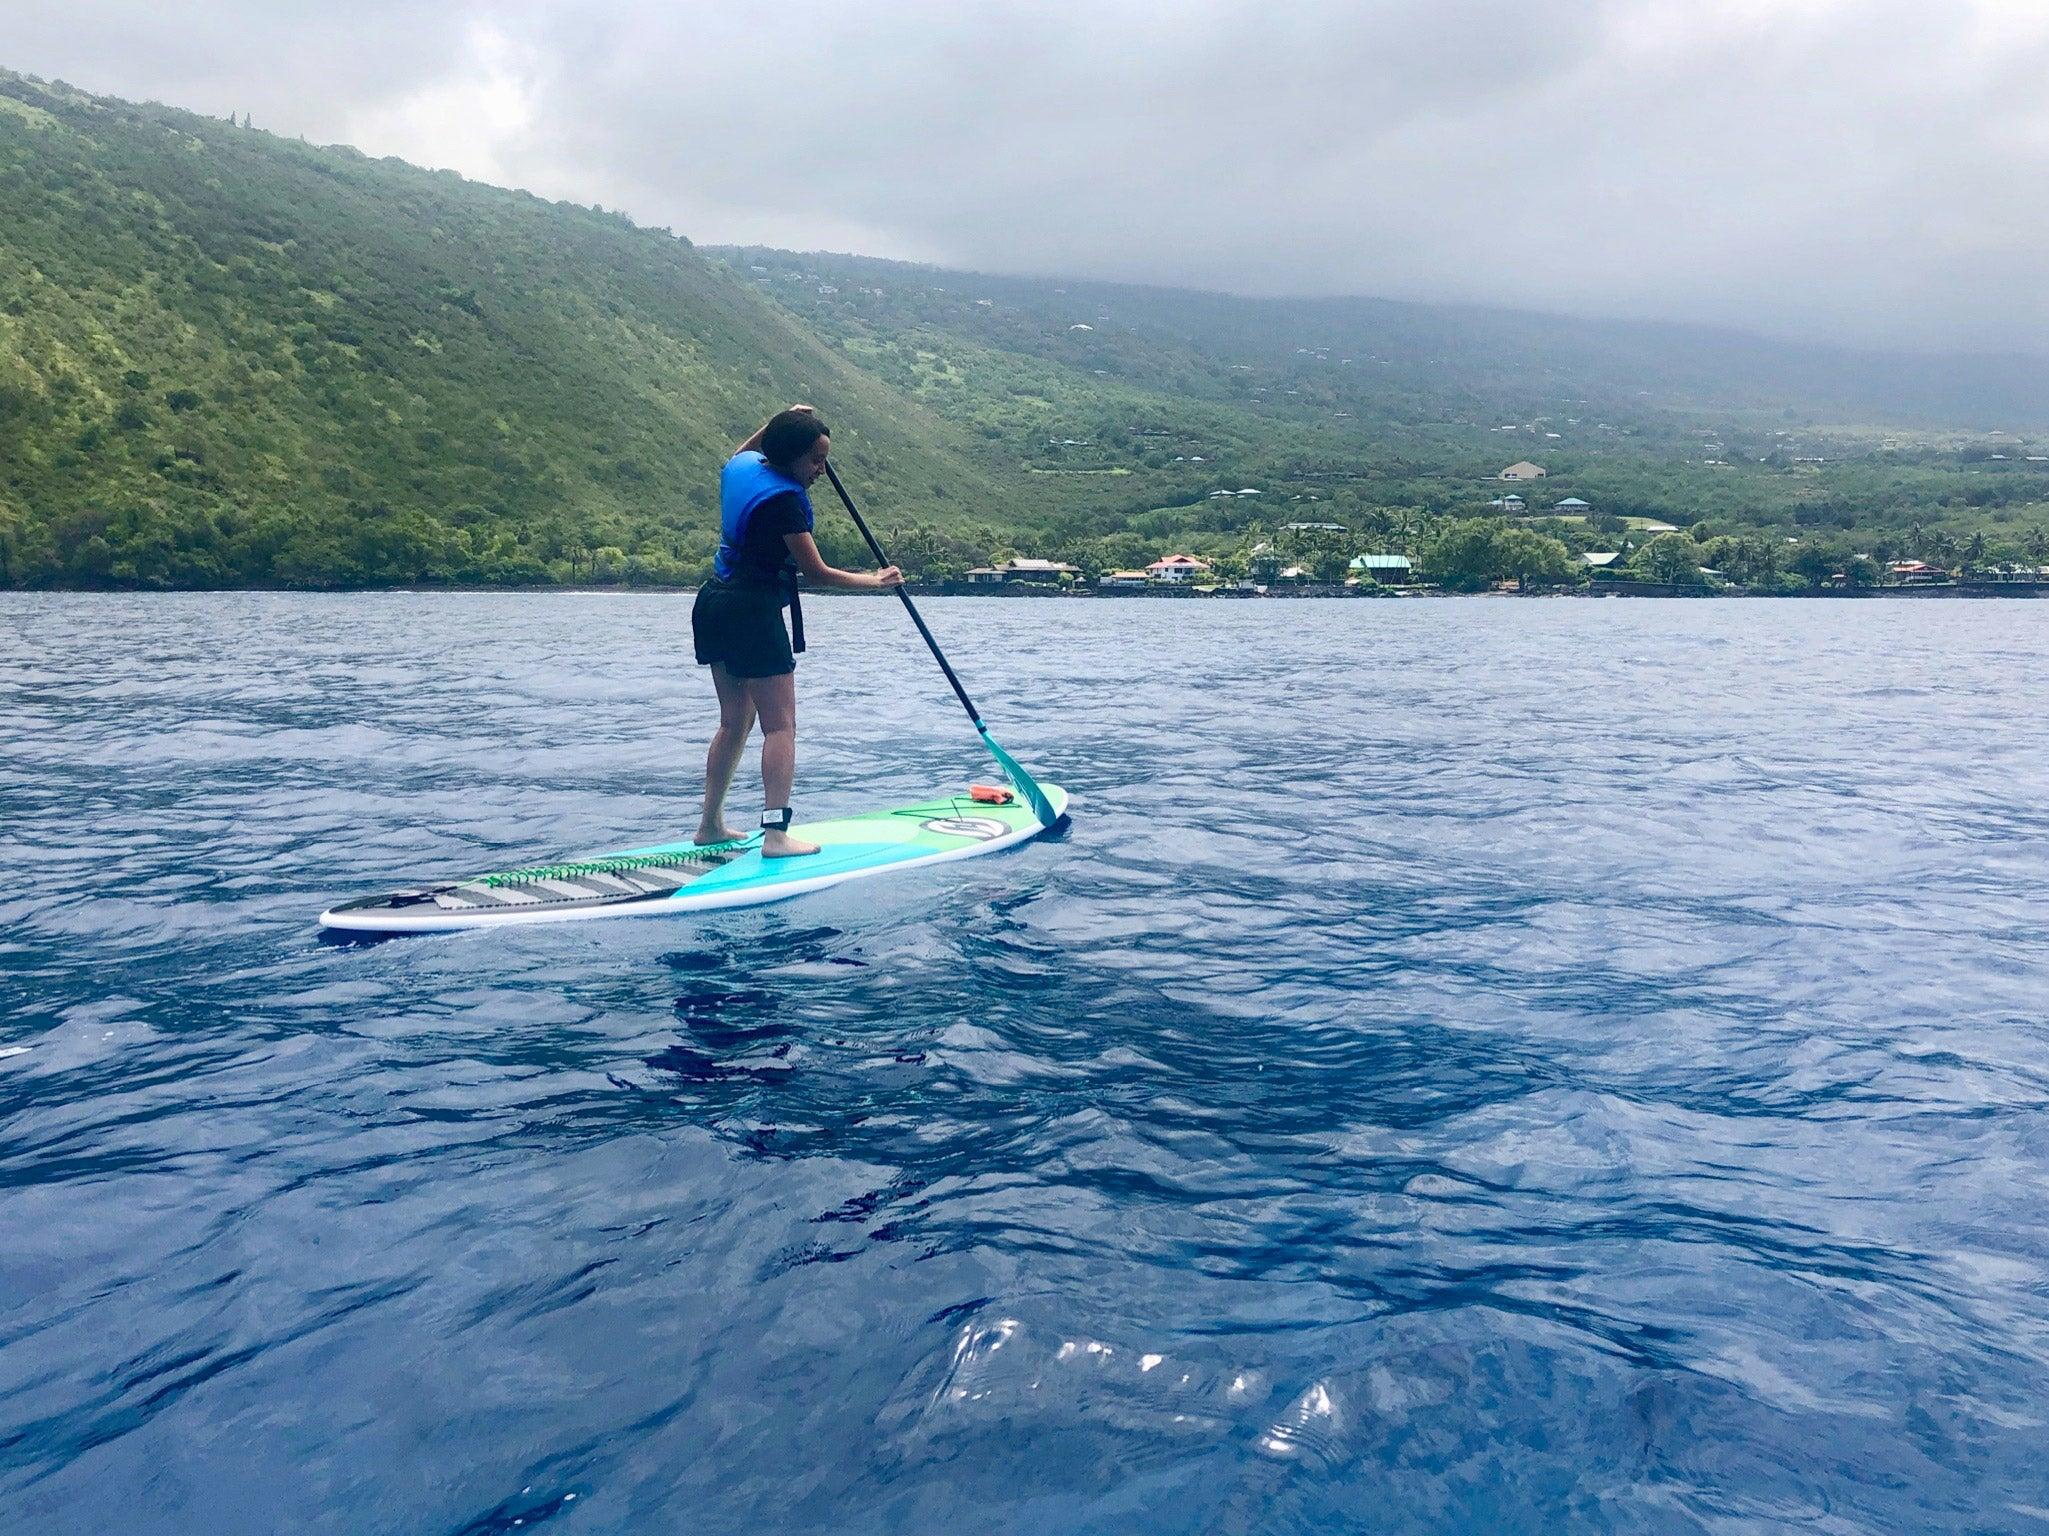 Girma paddle boarding in Hawaii